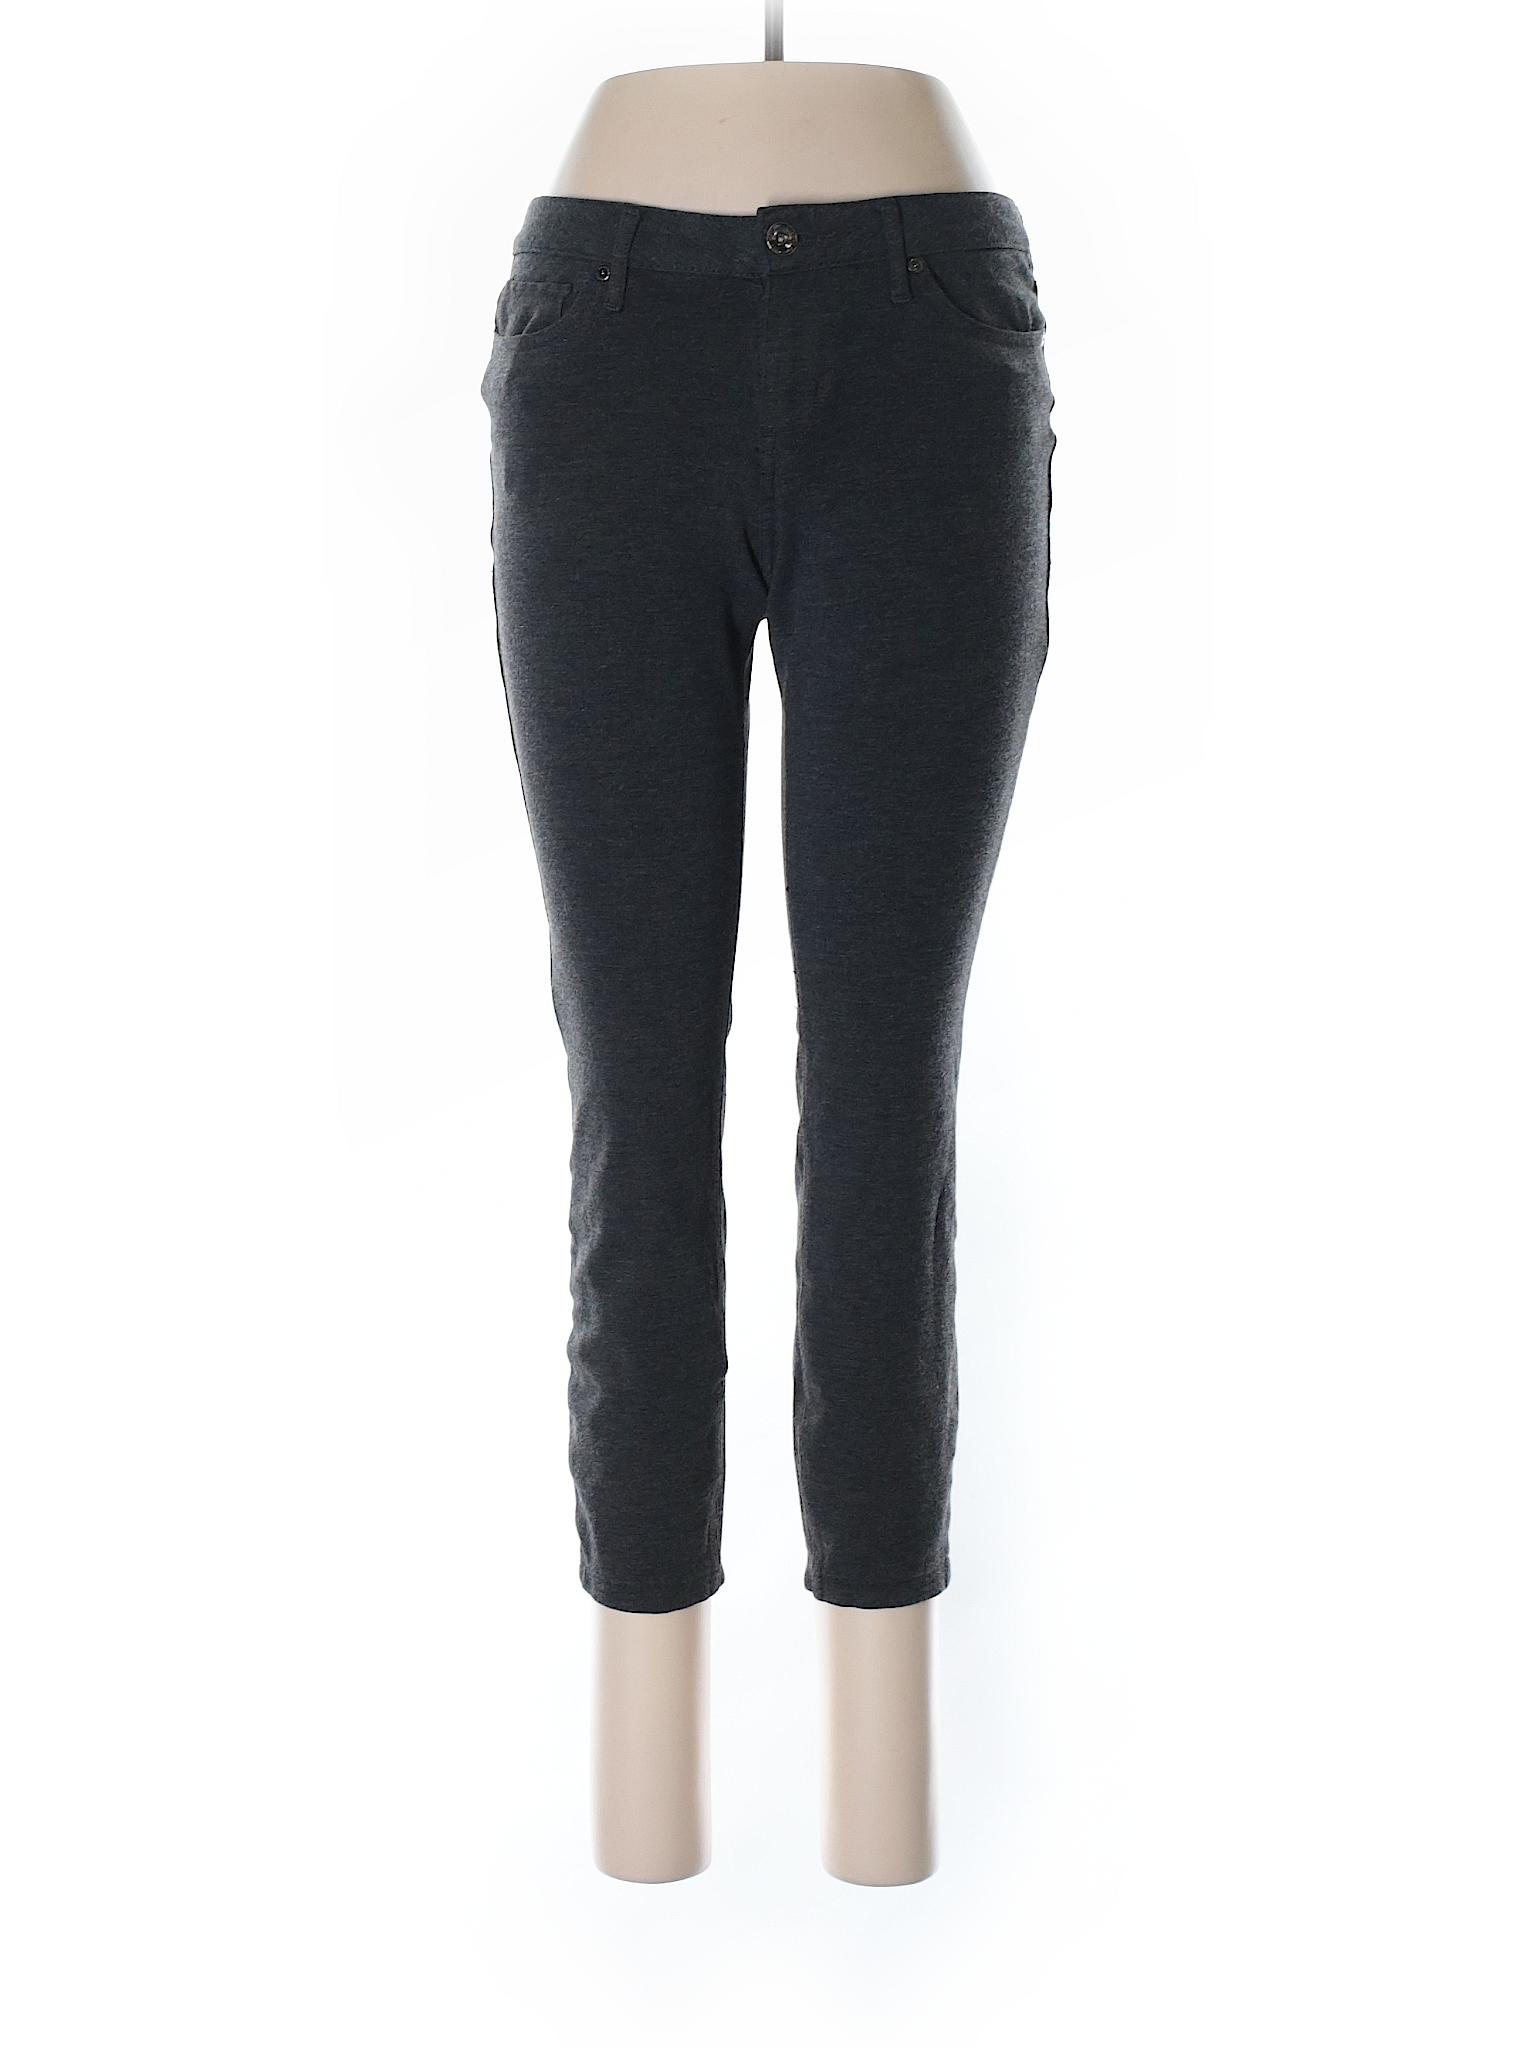 winter Pants Casual Boutique West Nine dwp6zqd0